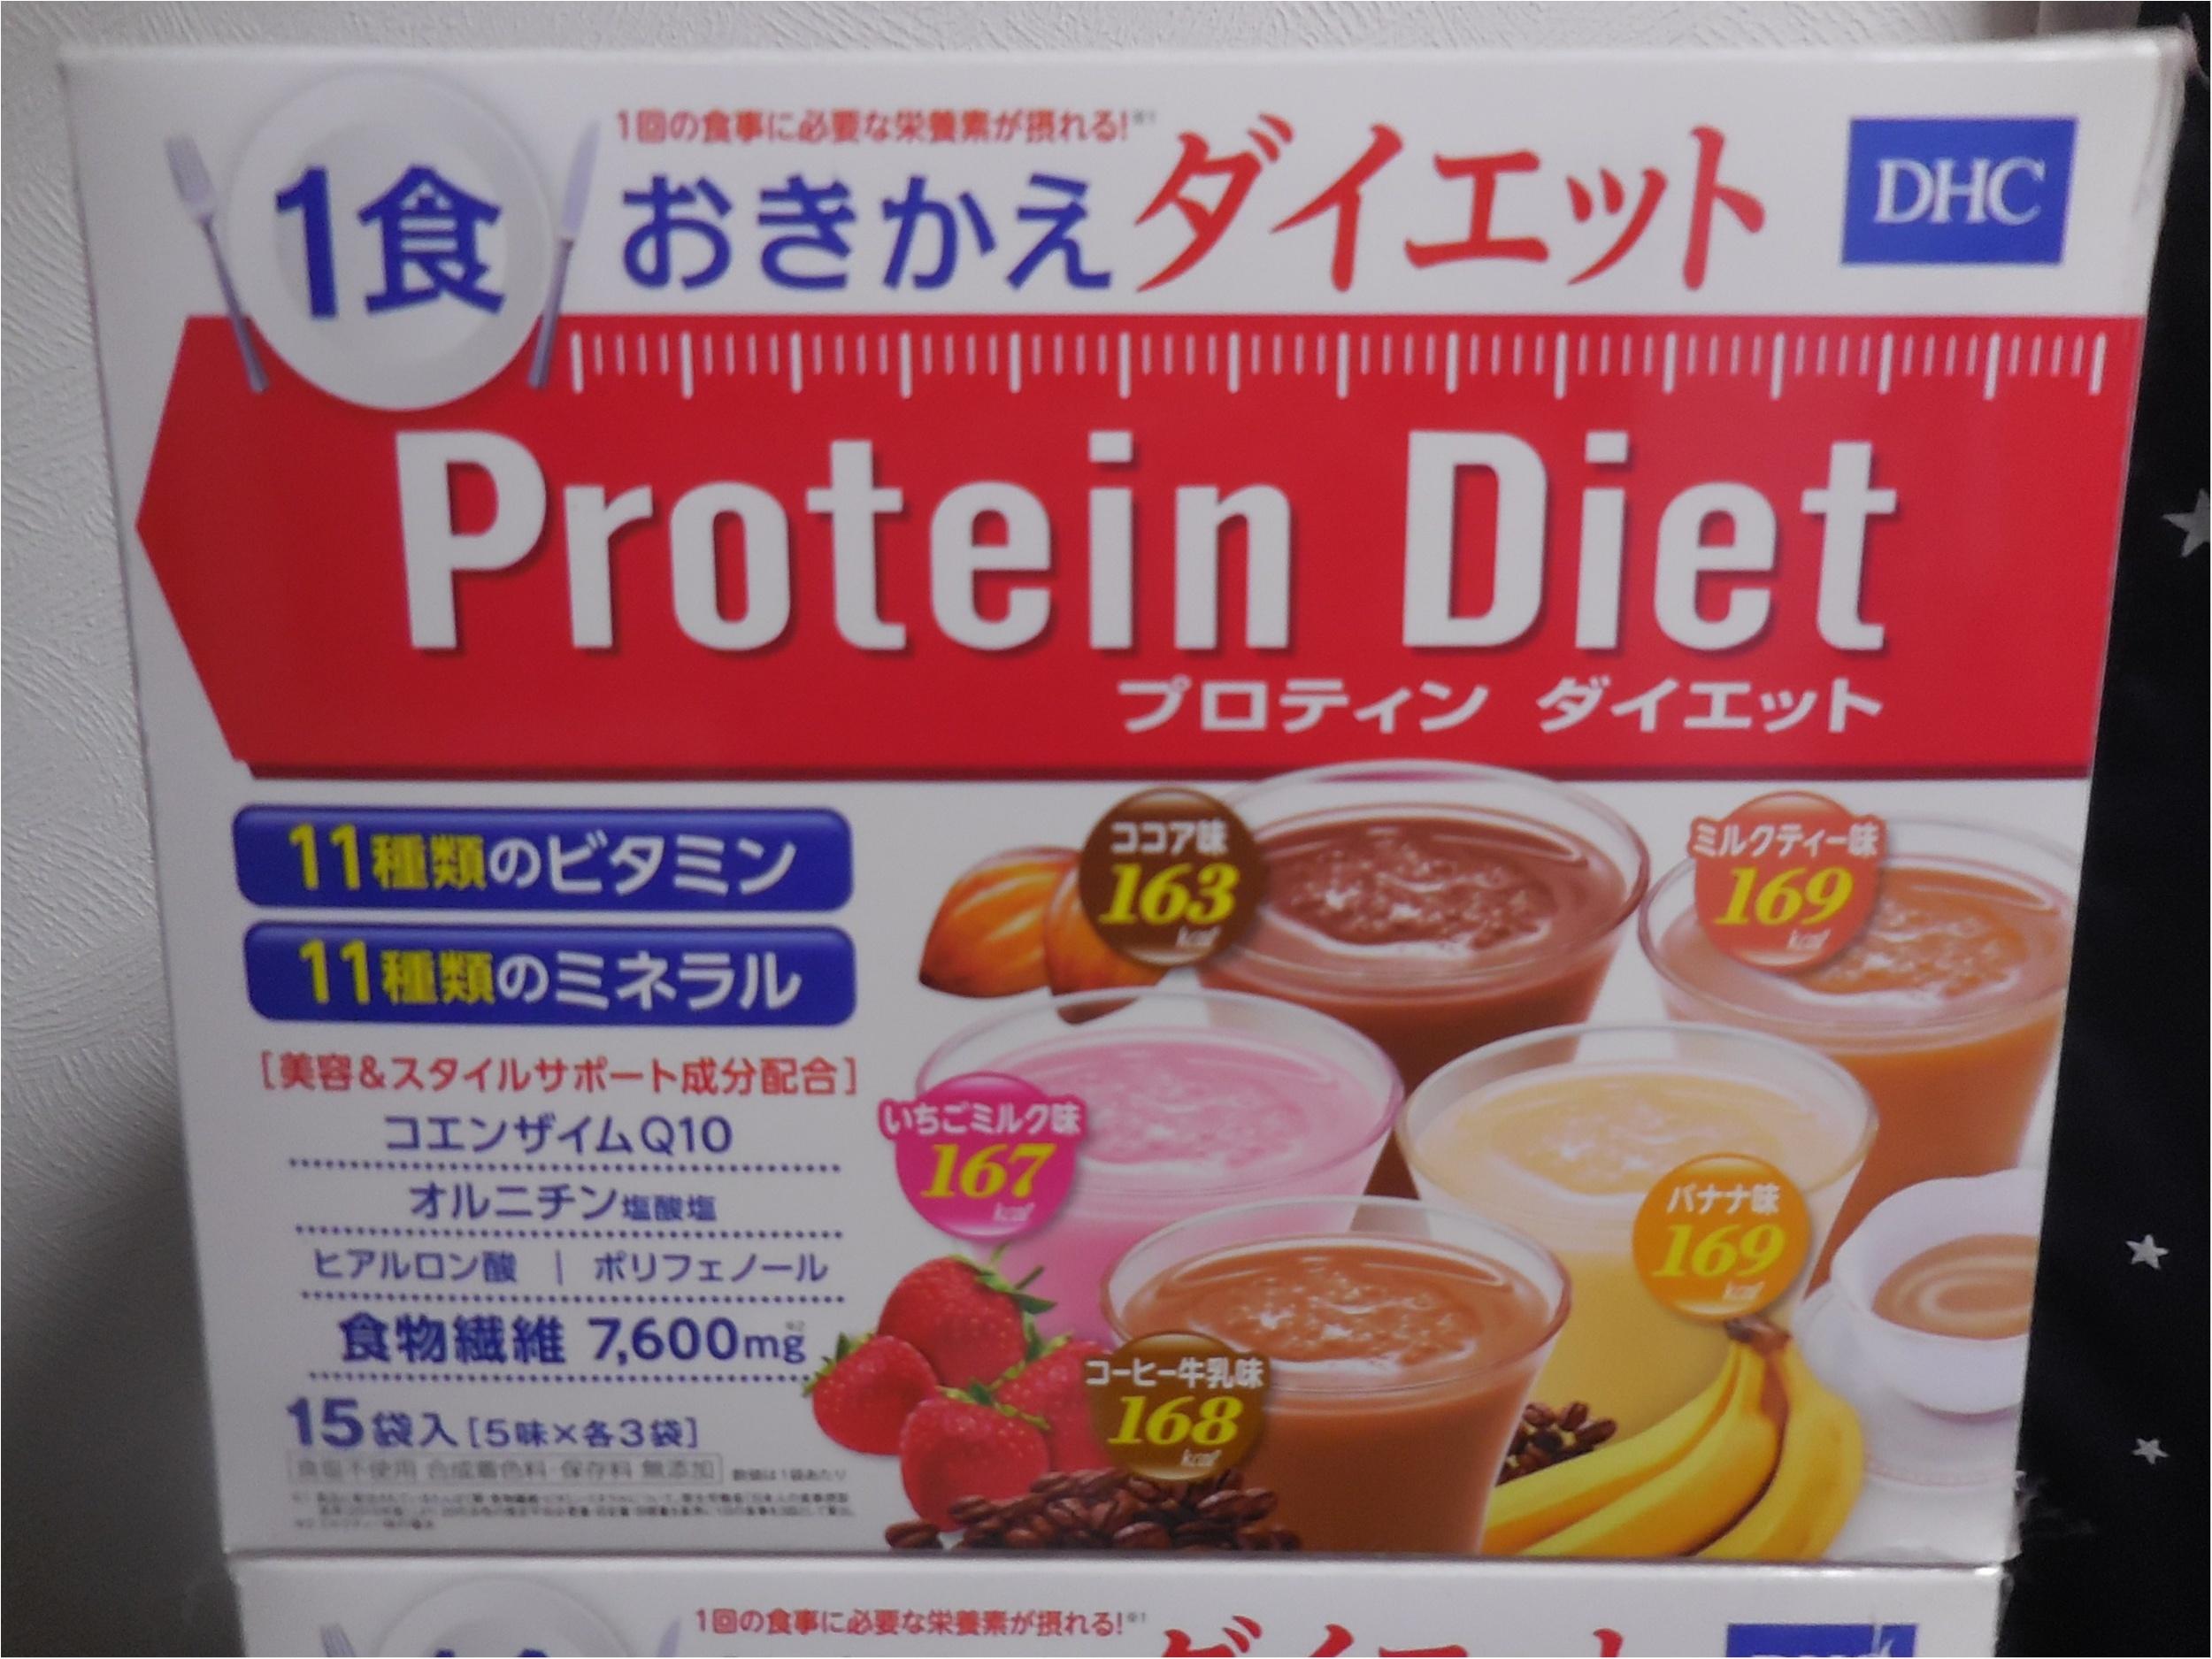 【DHCプロテインダイエット】おきかえ食 30日分まとめ買いしました_2